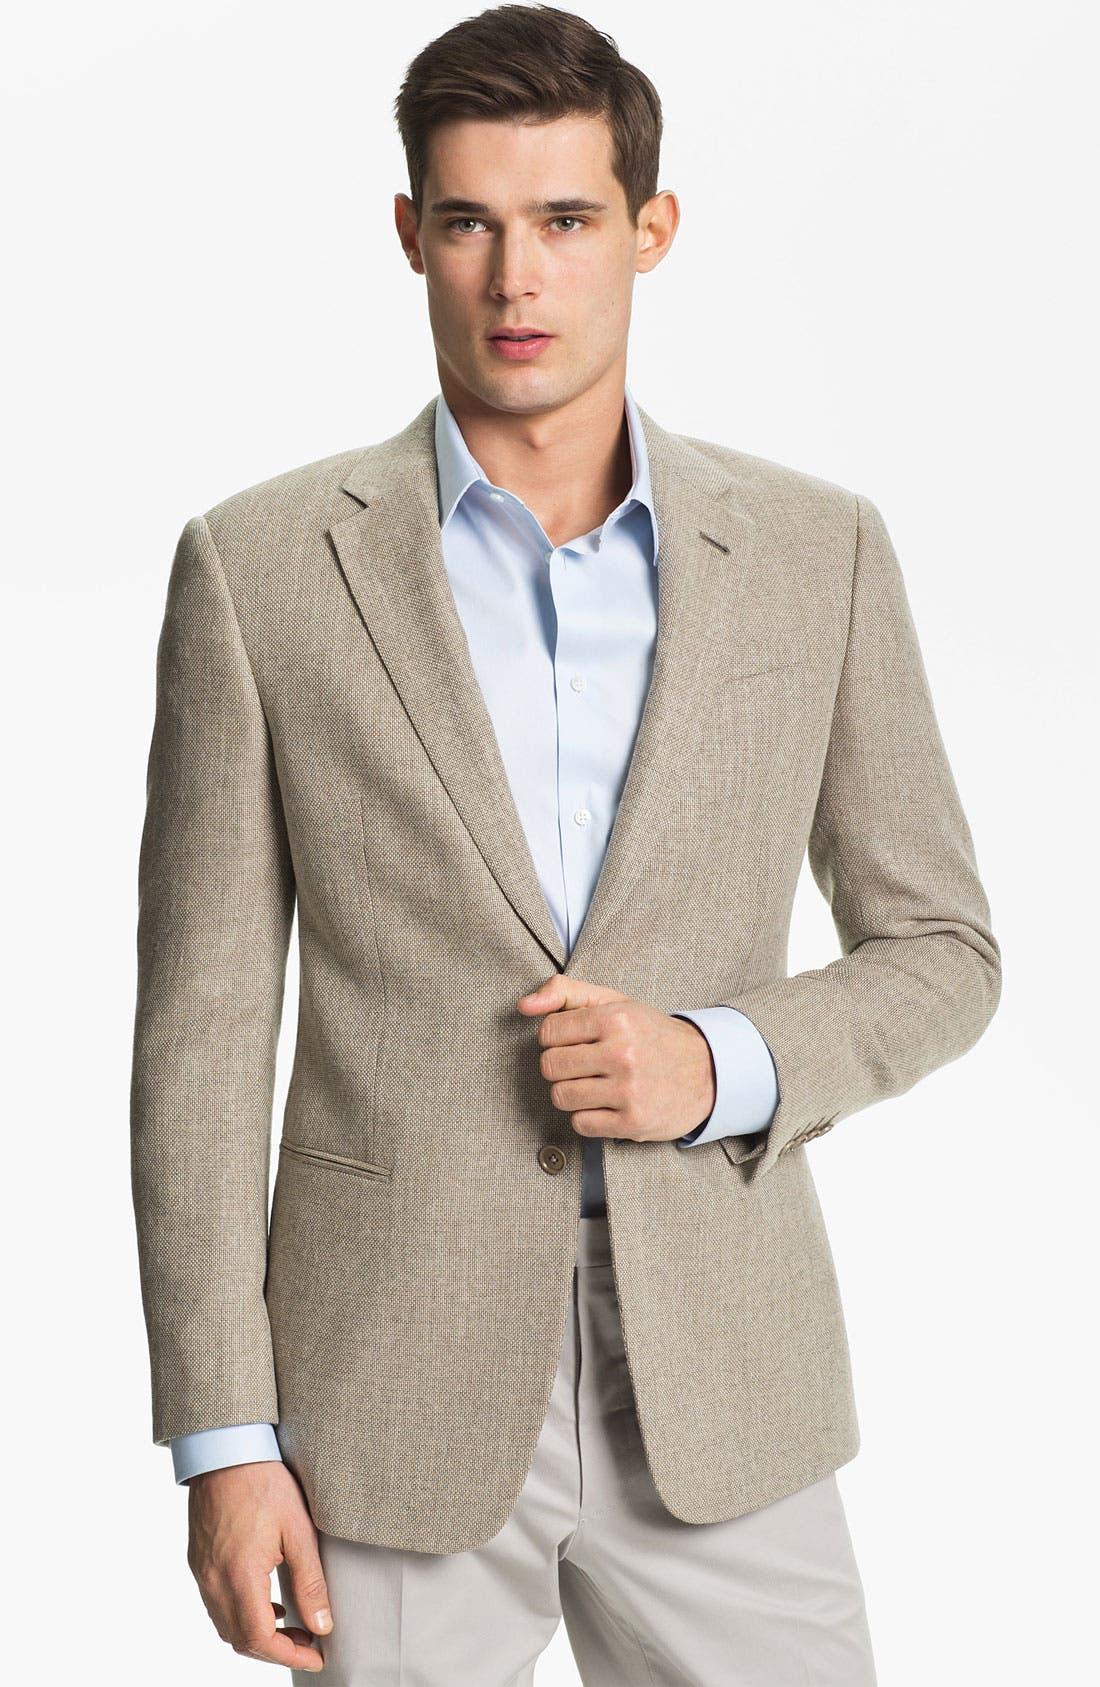 Main Image - Armani Collezioni 'Giorgio' Textured Wool Sportcoat